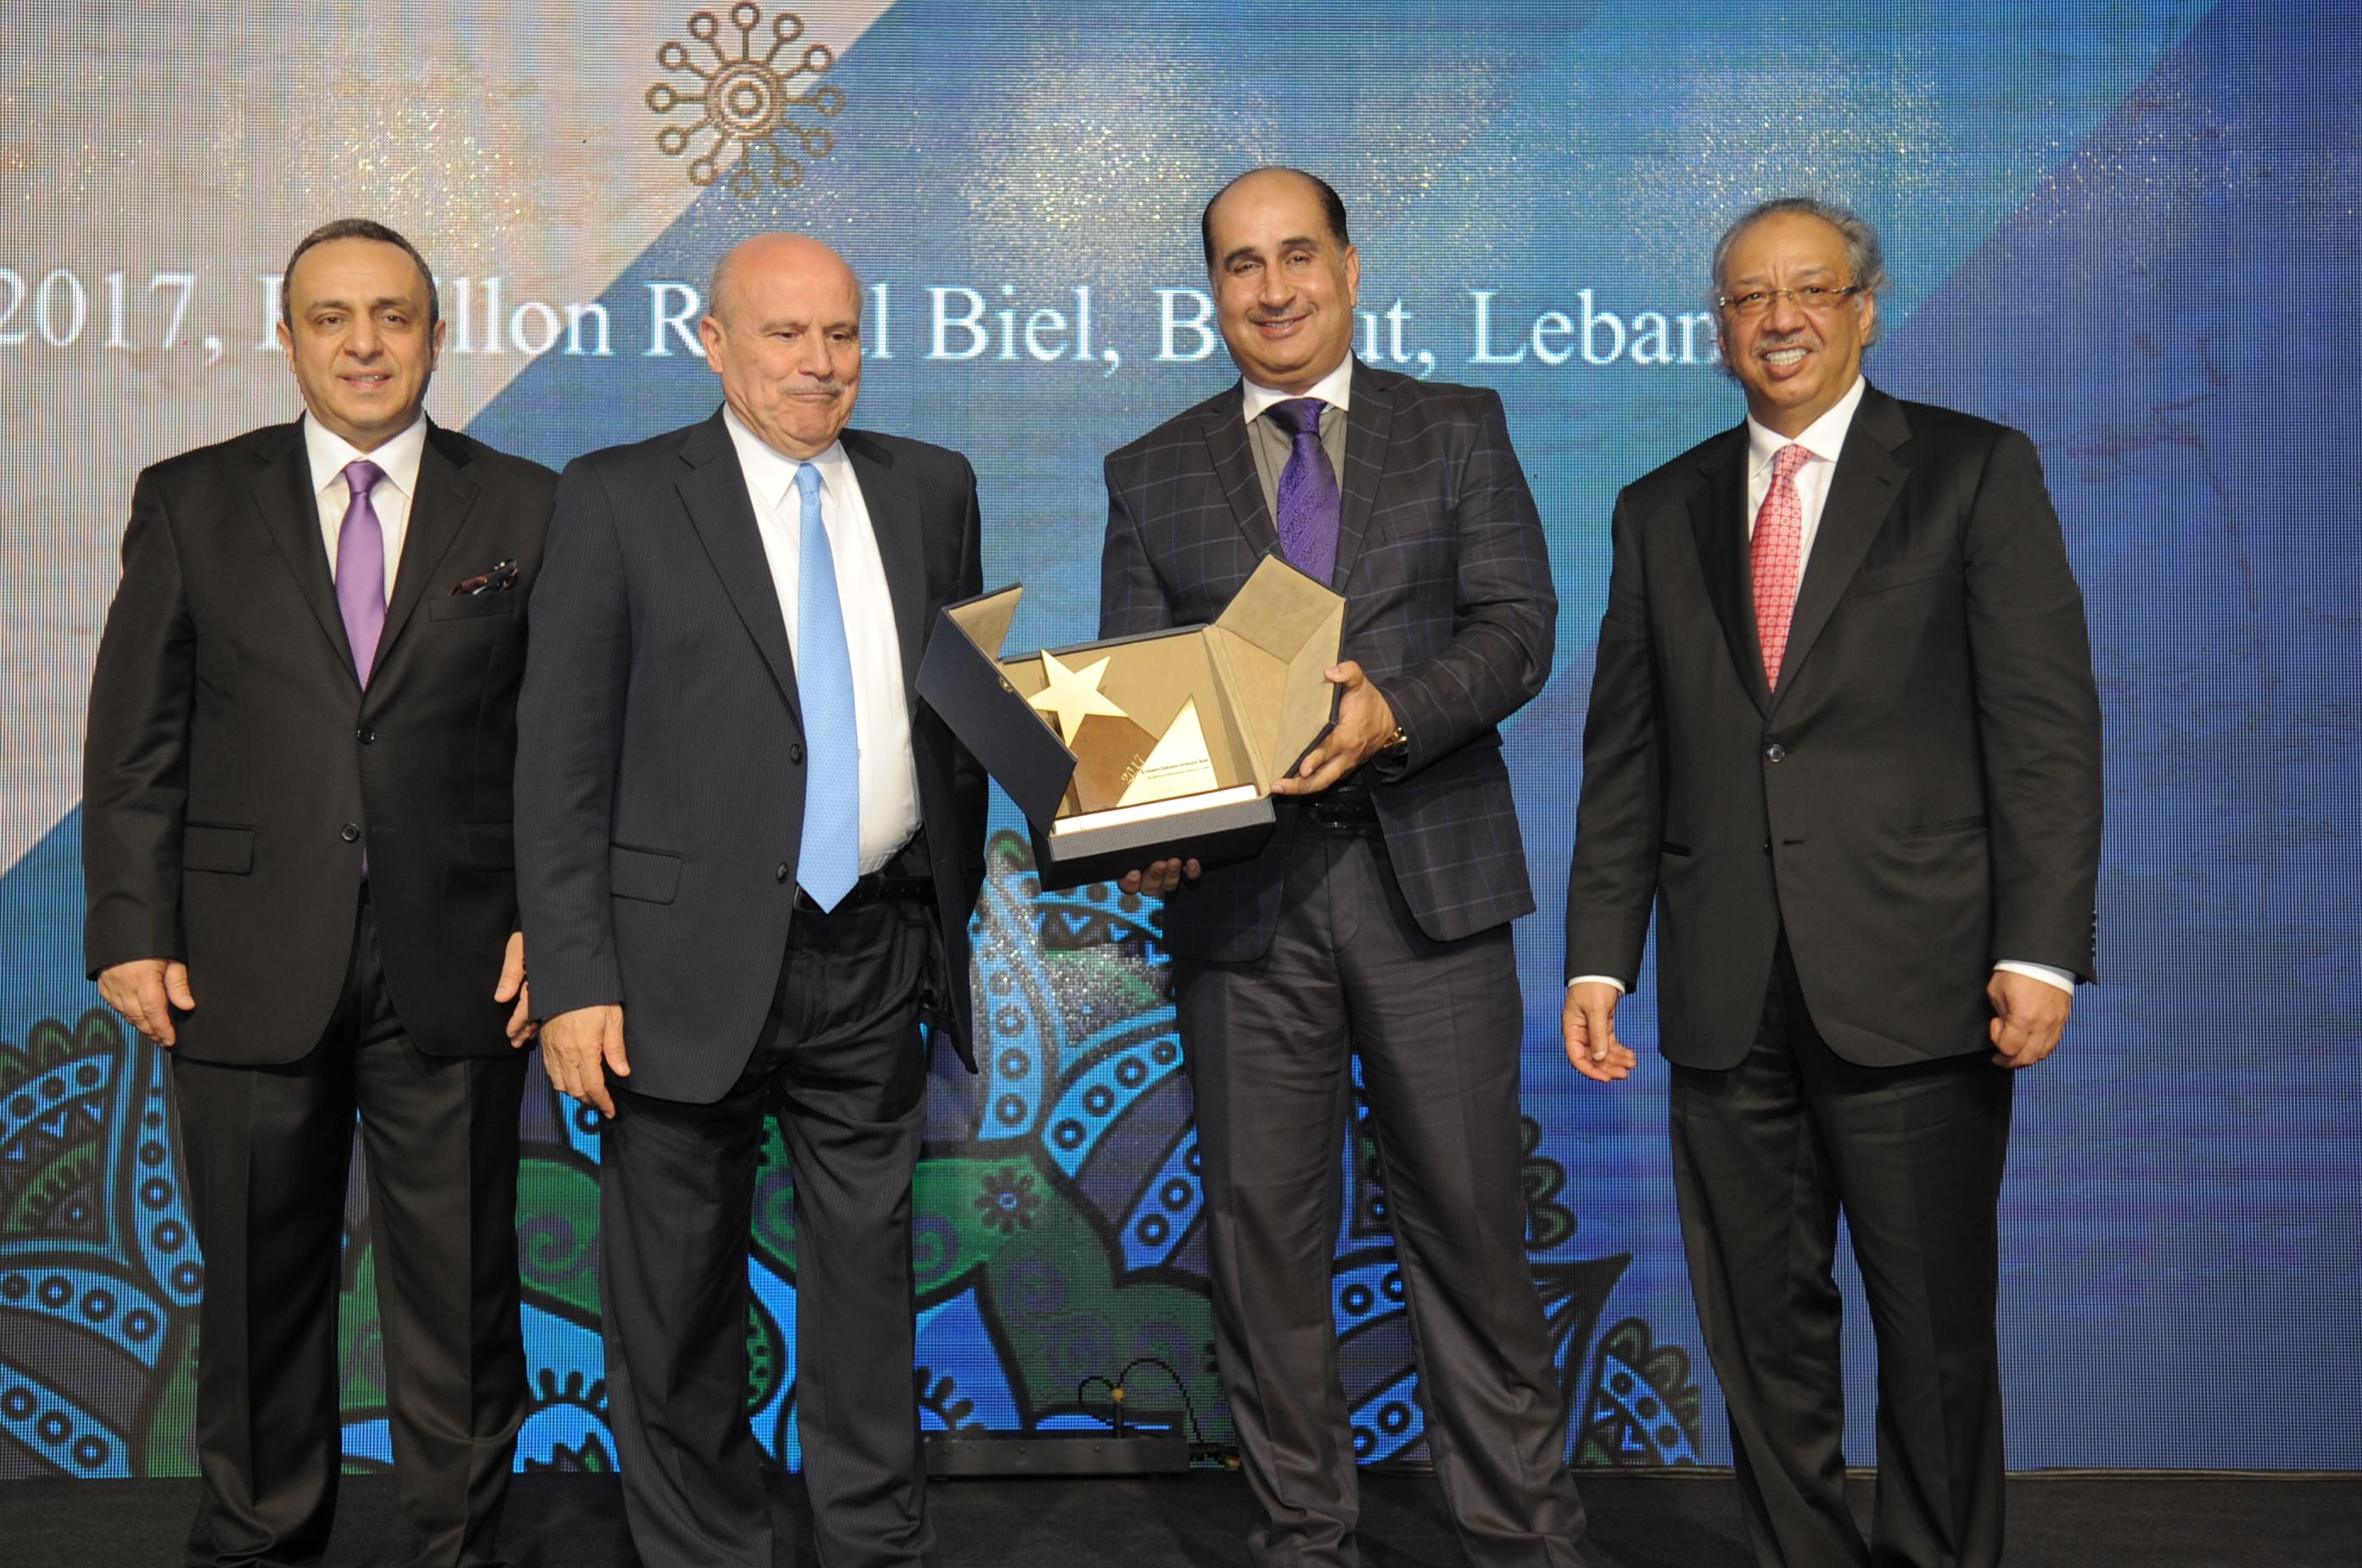 تكريم بنك الجزيرة السوداني الأردني بجائزة التميز في الاداء المصرفي